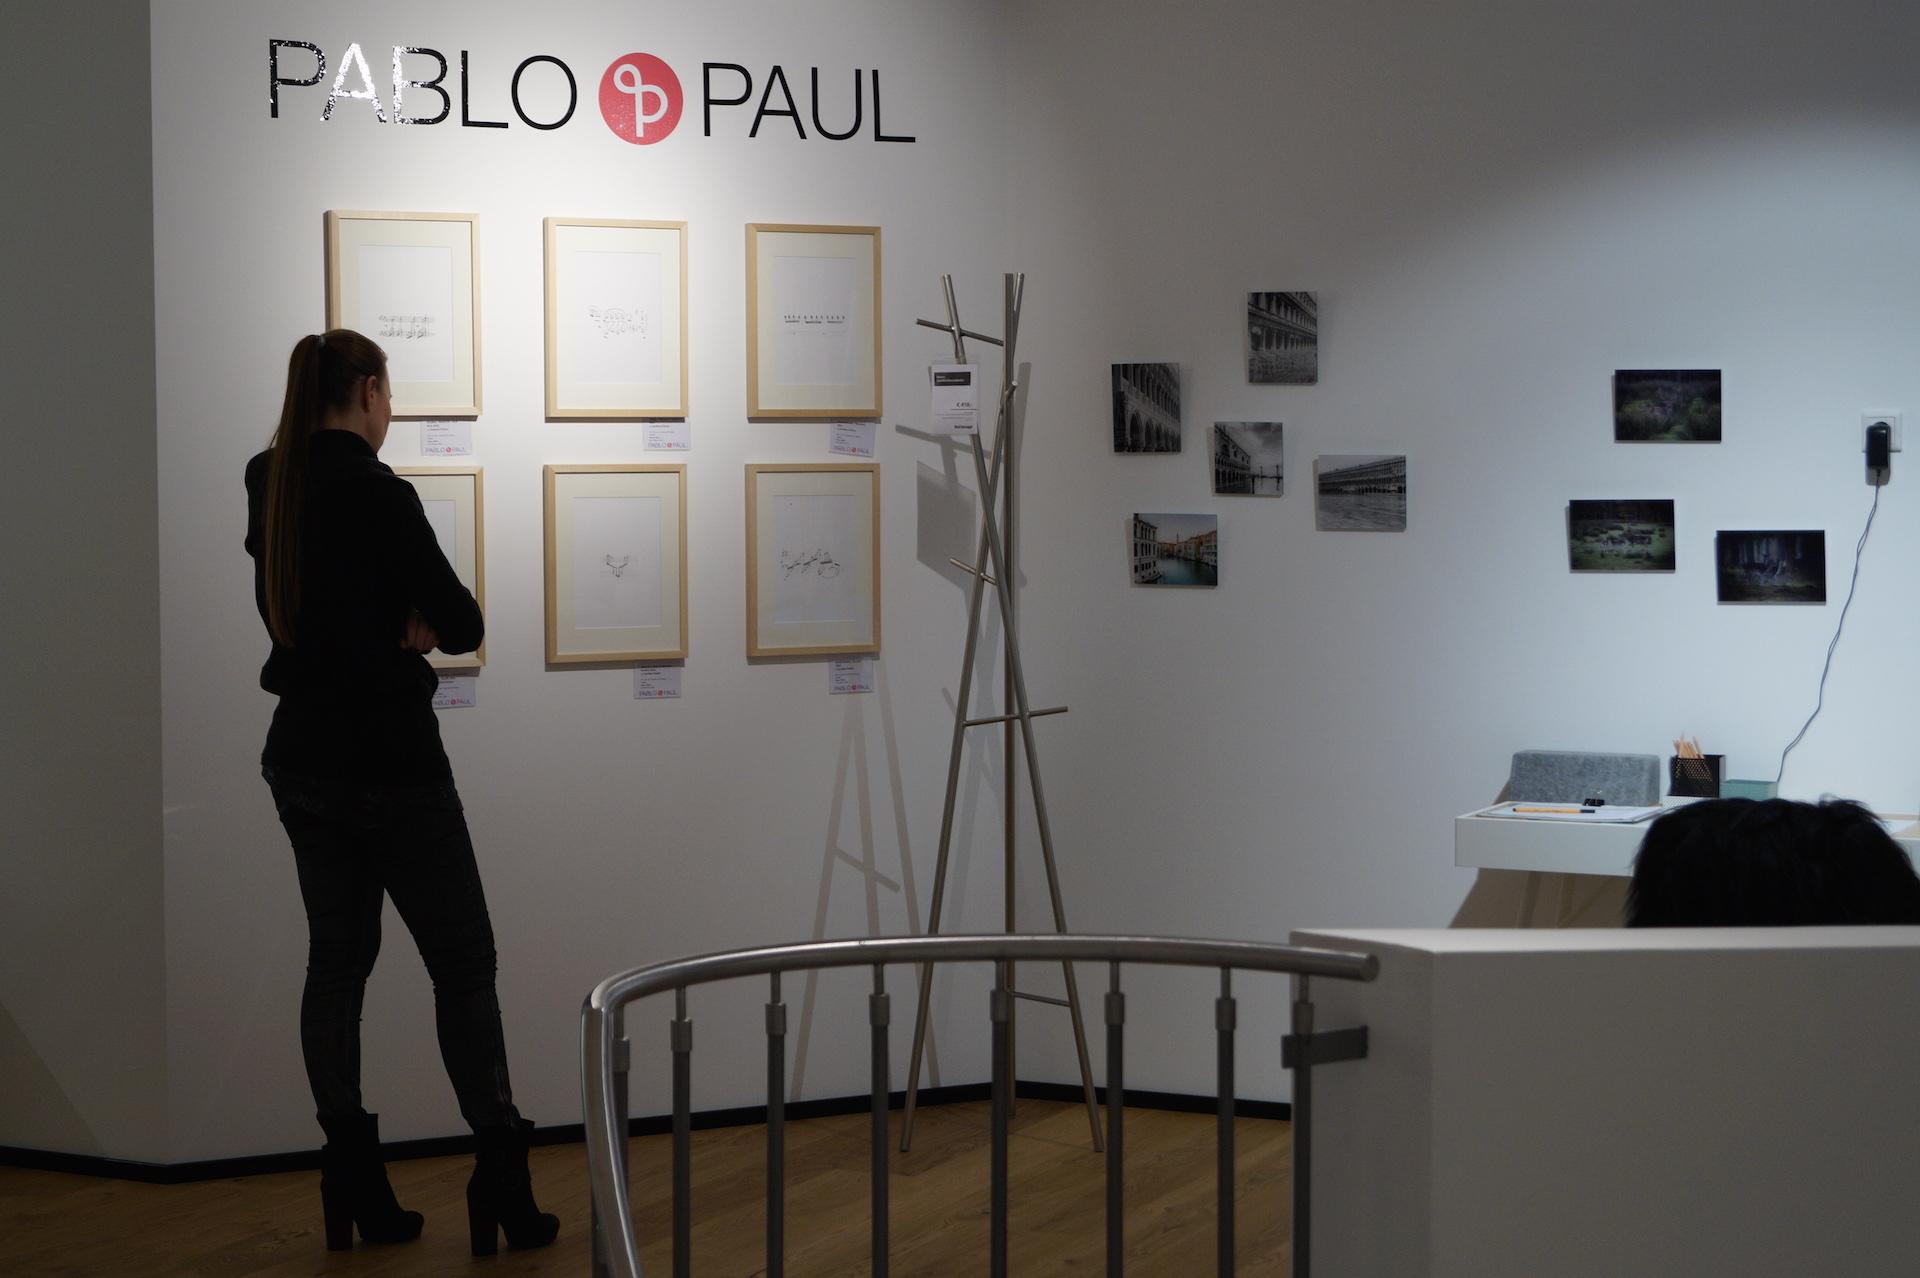 vernissage boconcept n rnberg pablo paul blog. Black Bedroom Furniture Sets. Home Design Ideas